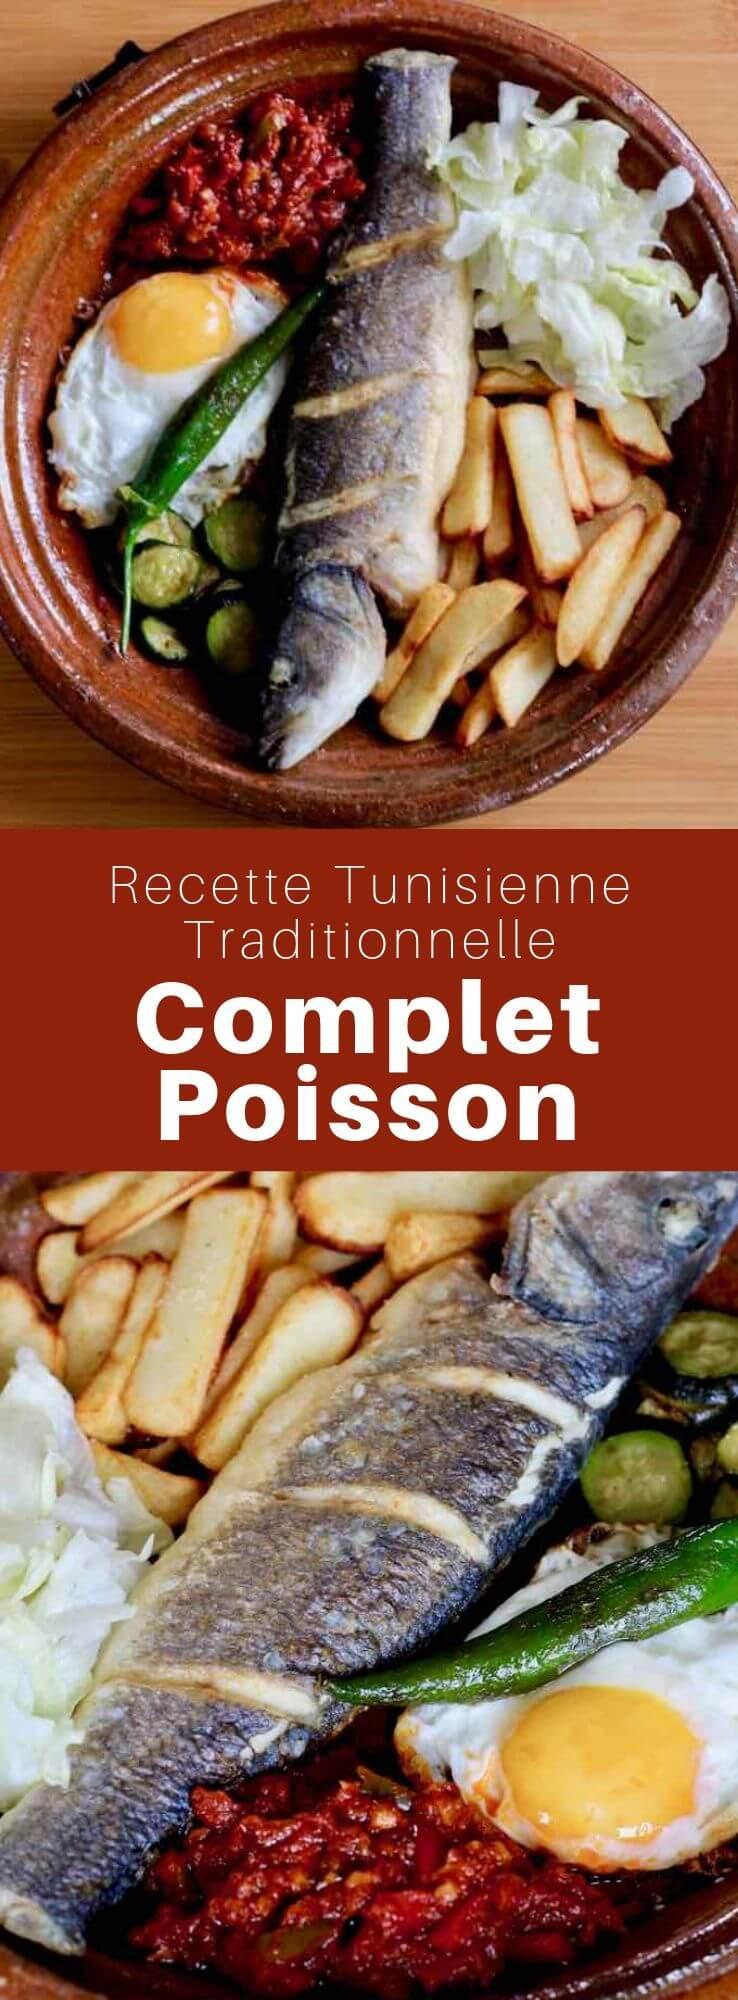 Le complet poisson est une assiette populaire tunisienne composée de poisson frit ou grillé, légume, frites, astira ou slata méchouia, oeuf, et piment. #Tunisie #Tunisien #NordAfricain #Maghrebin #CuisineTunisienne #RecetteTunisienne #RecetteNordAfricaine #RecetteMaghrebine #CuisineDuMonde #196flavors